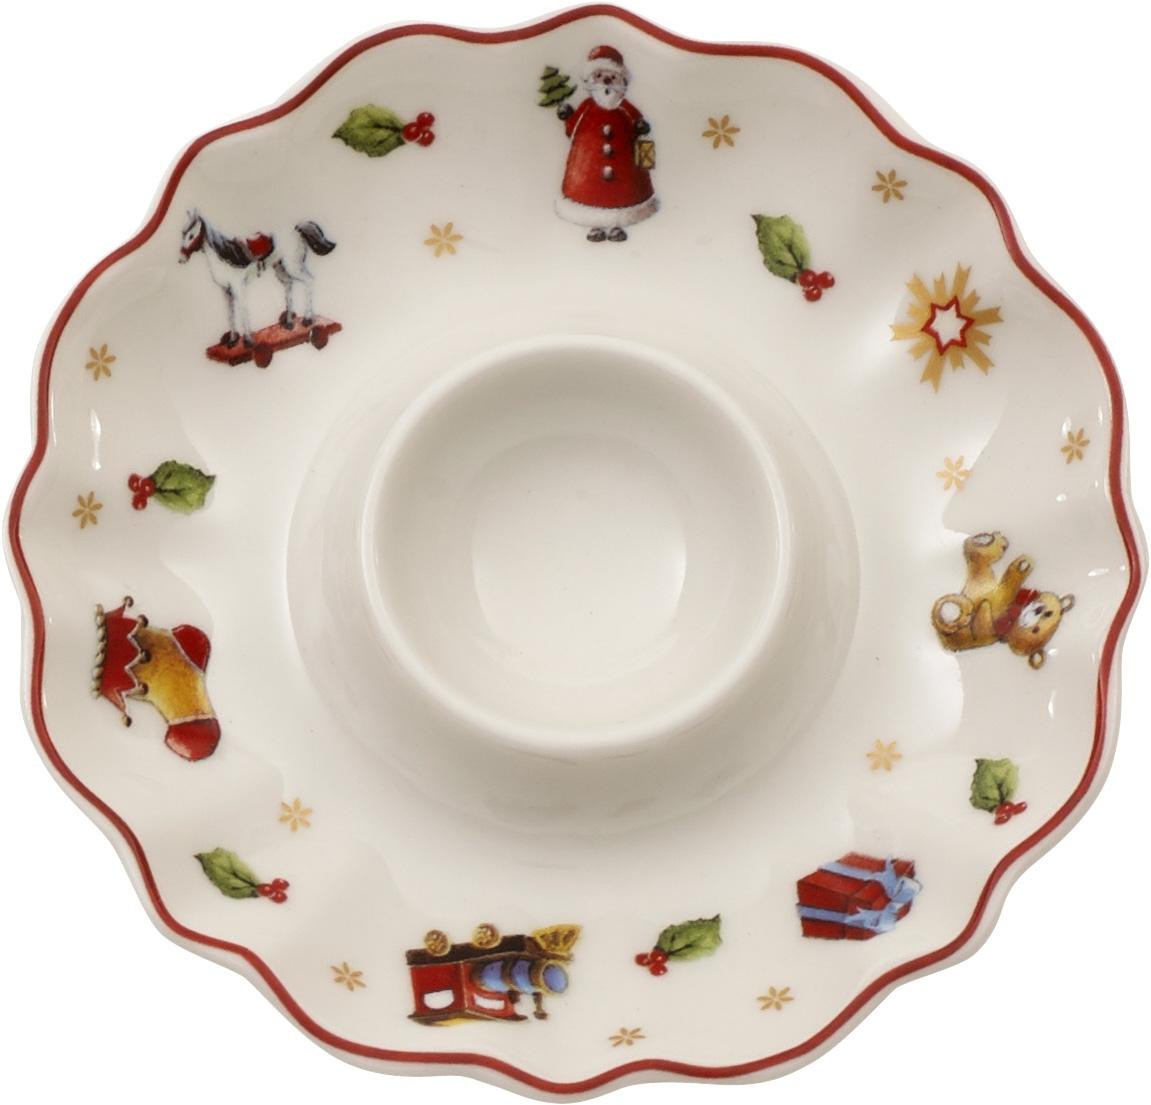 Cupa pentru ou Villeroy & Boch Toy's Delight poza